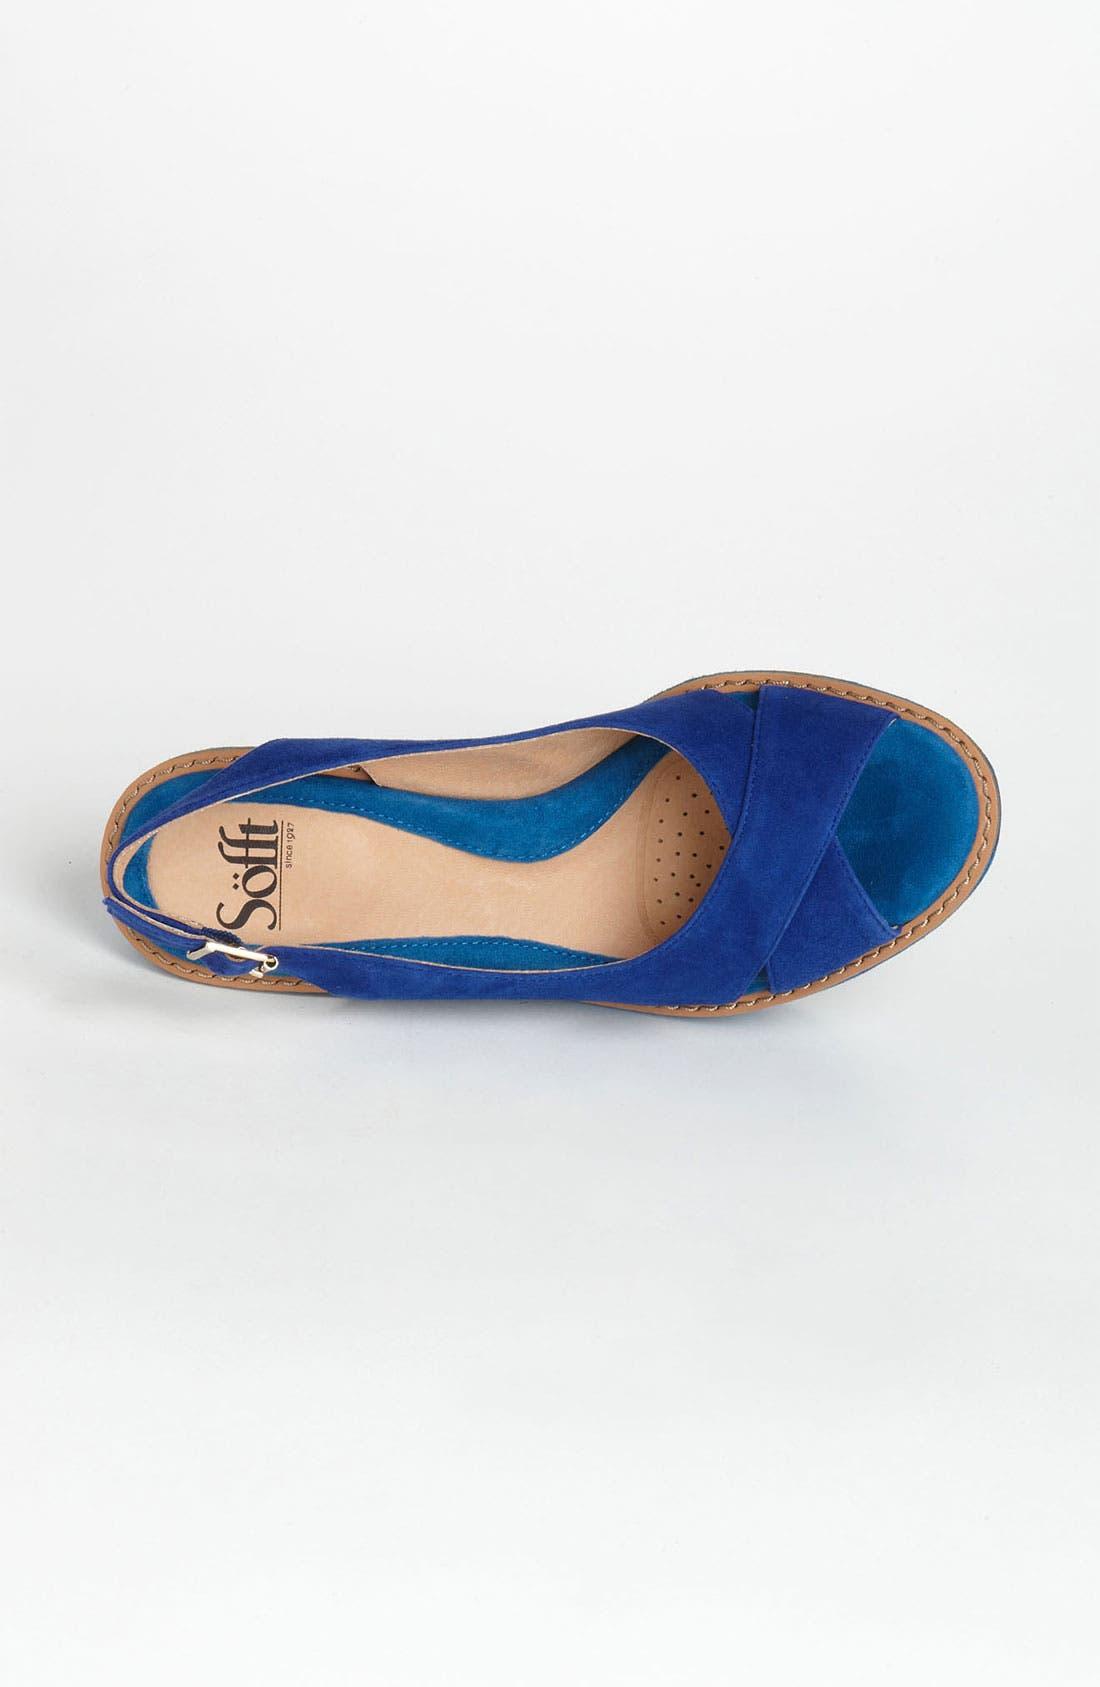 Alternate Image 3  - Söfft 'Betha' Sandal